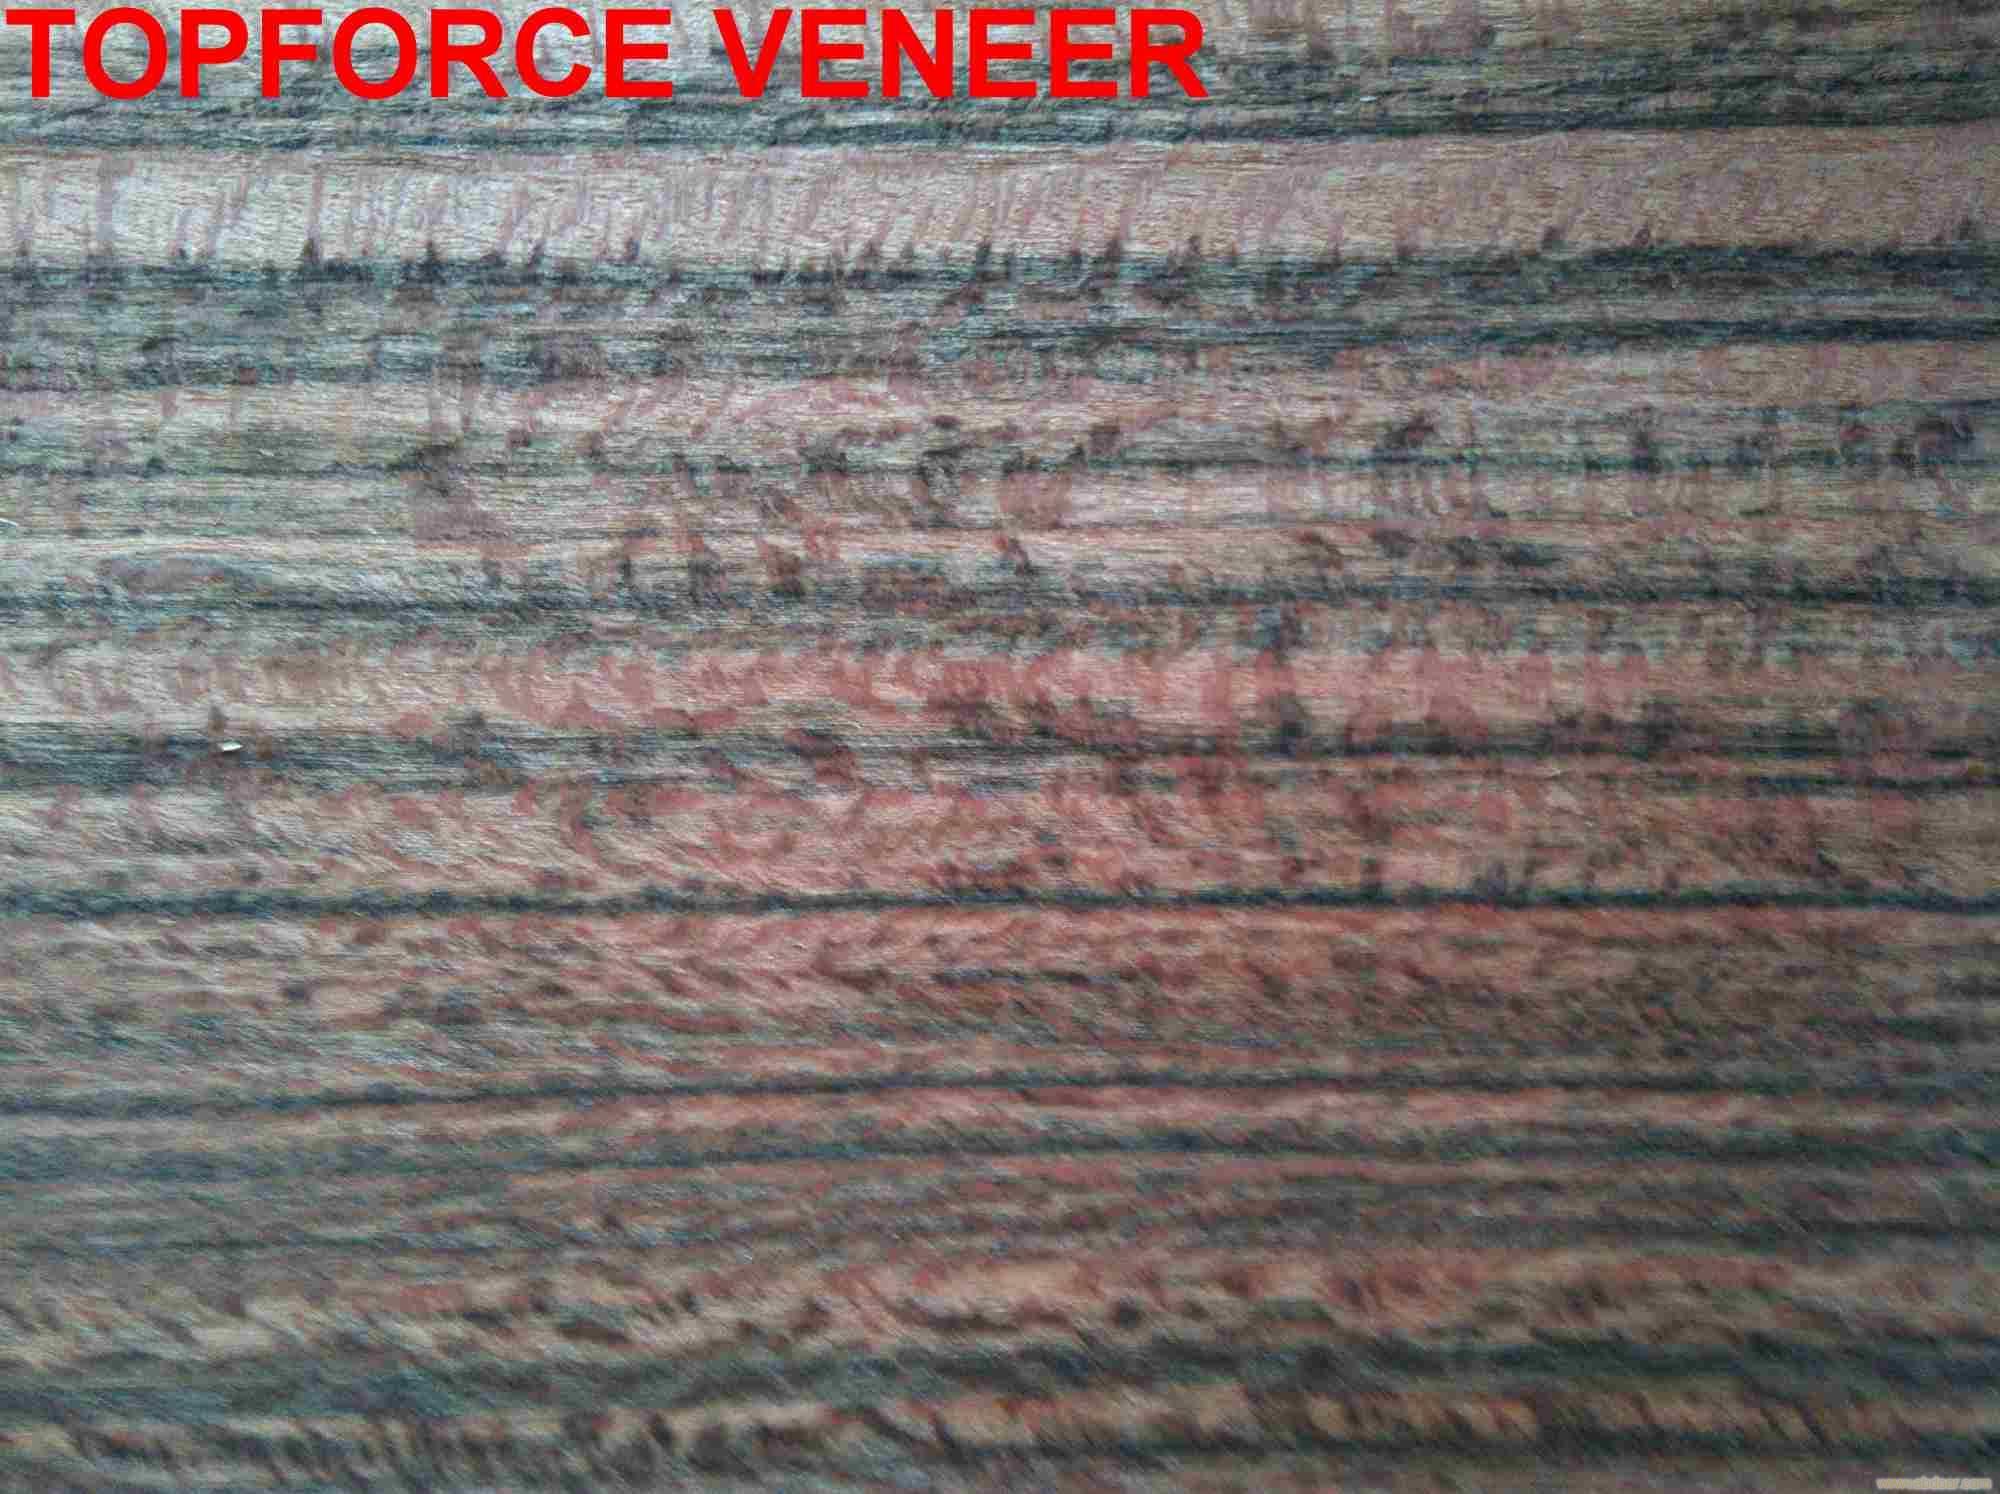 斑纹漆木,老虎木,老虎木木方,老虎木木皮,老虎木木材,老虎木家具料,老虎木家具,老虎木地板,老虎木地板料,虎